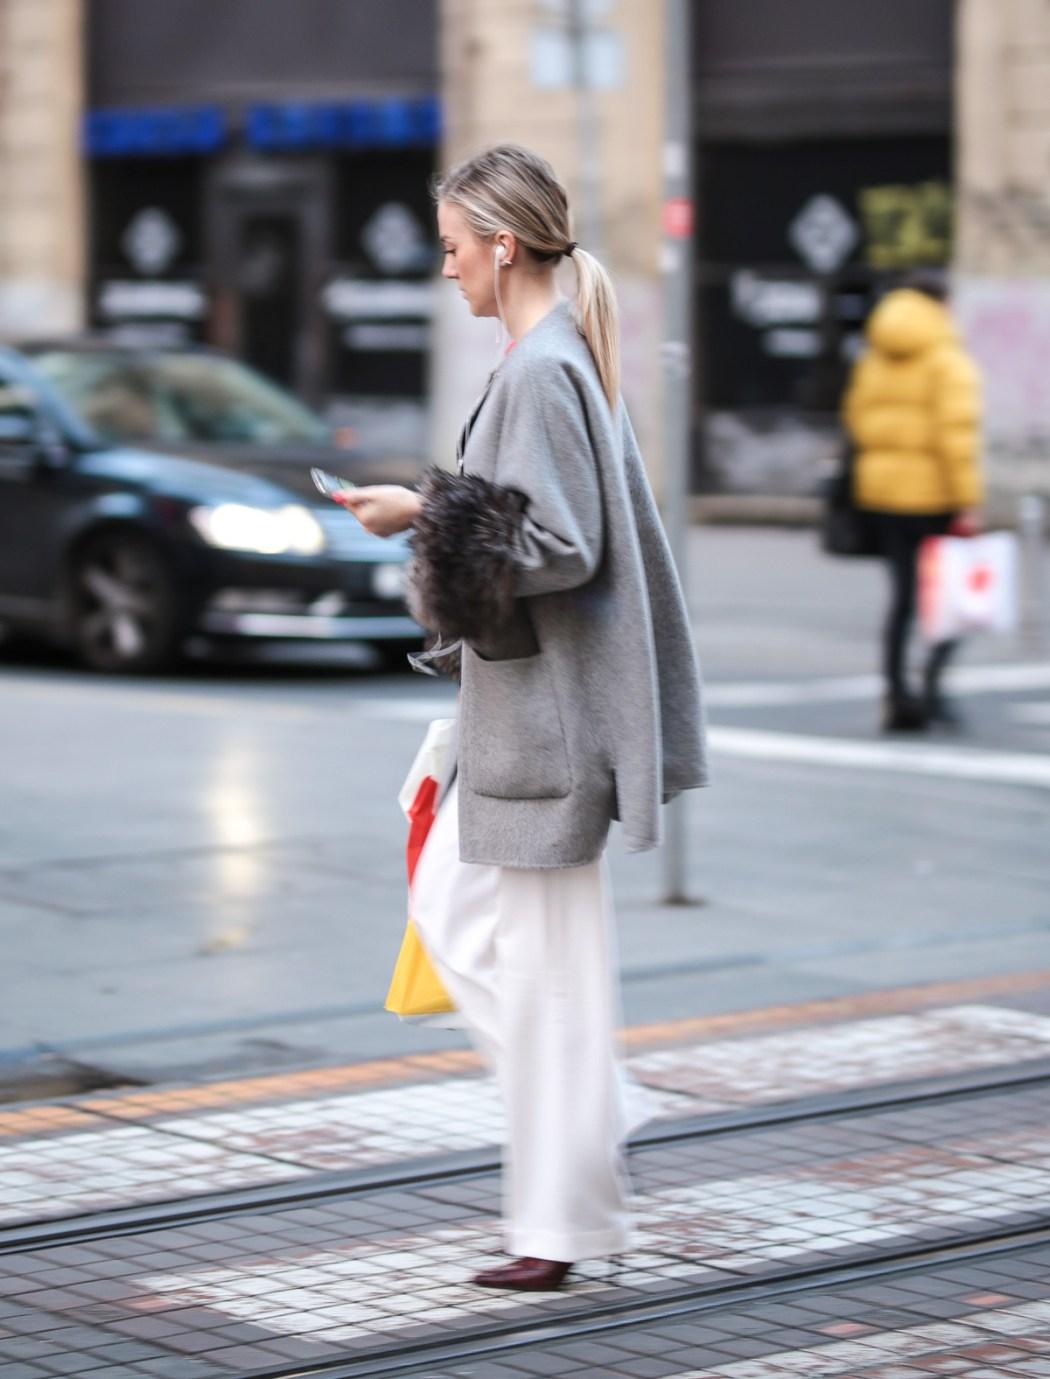 Zimska top kombinacija: stylish ljudi baš sada vole nositi bijelu boju